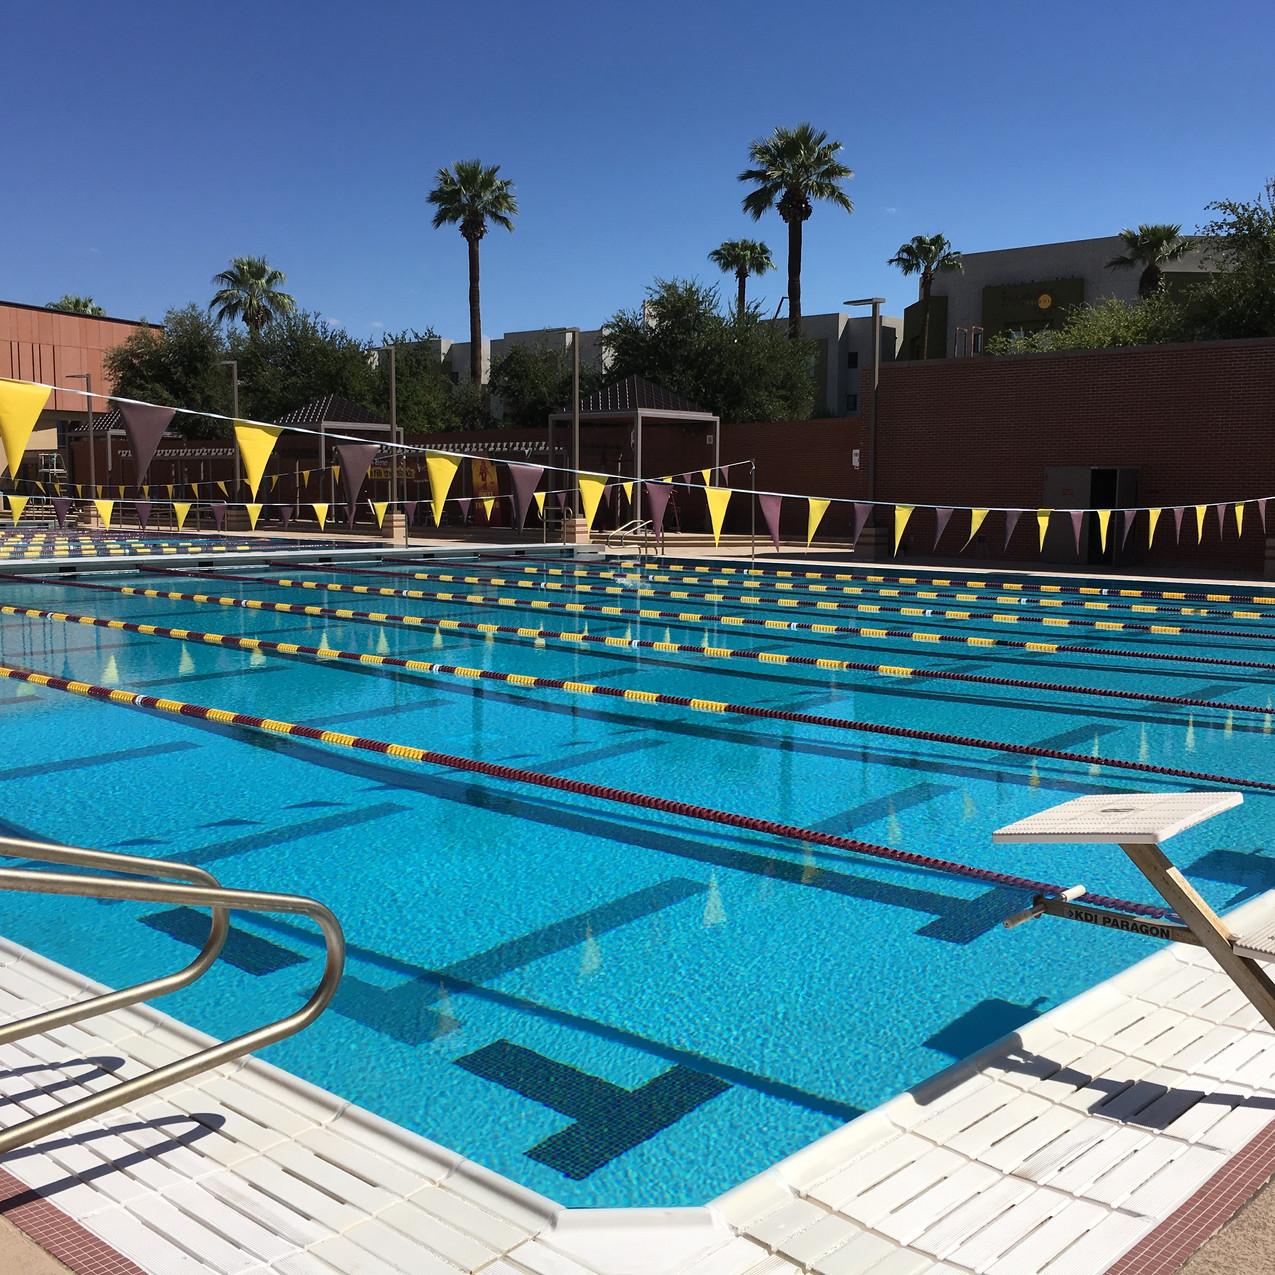 ASU Sun Devil Fitness Center - West Pool